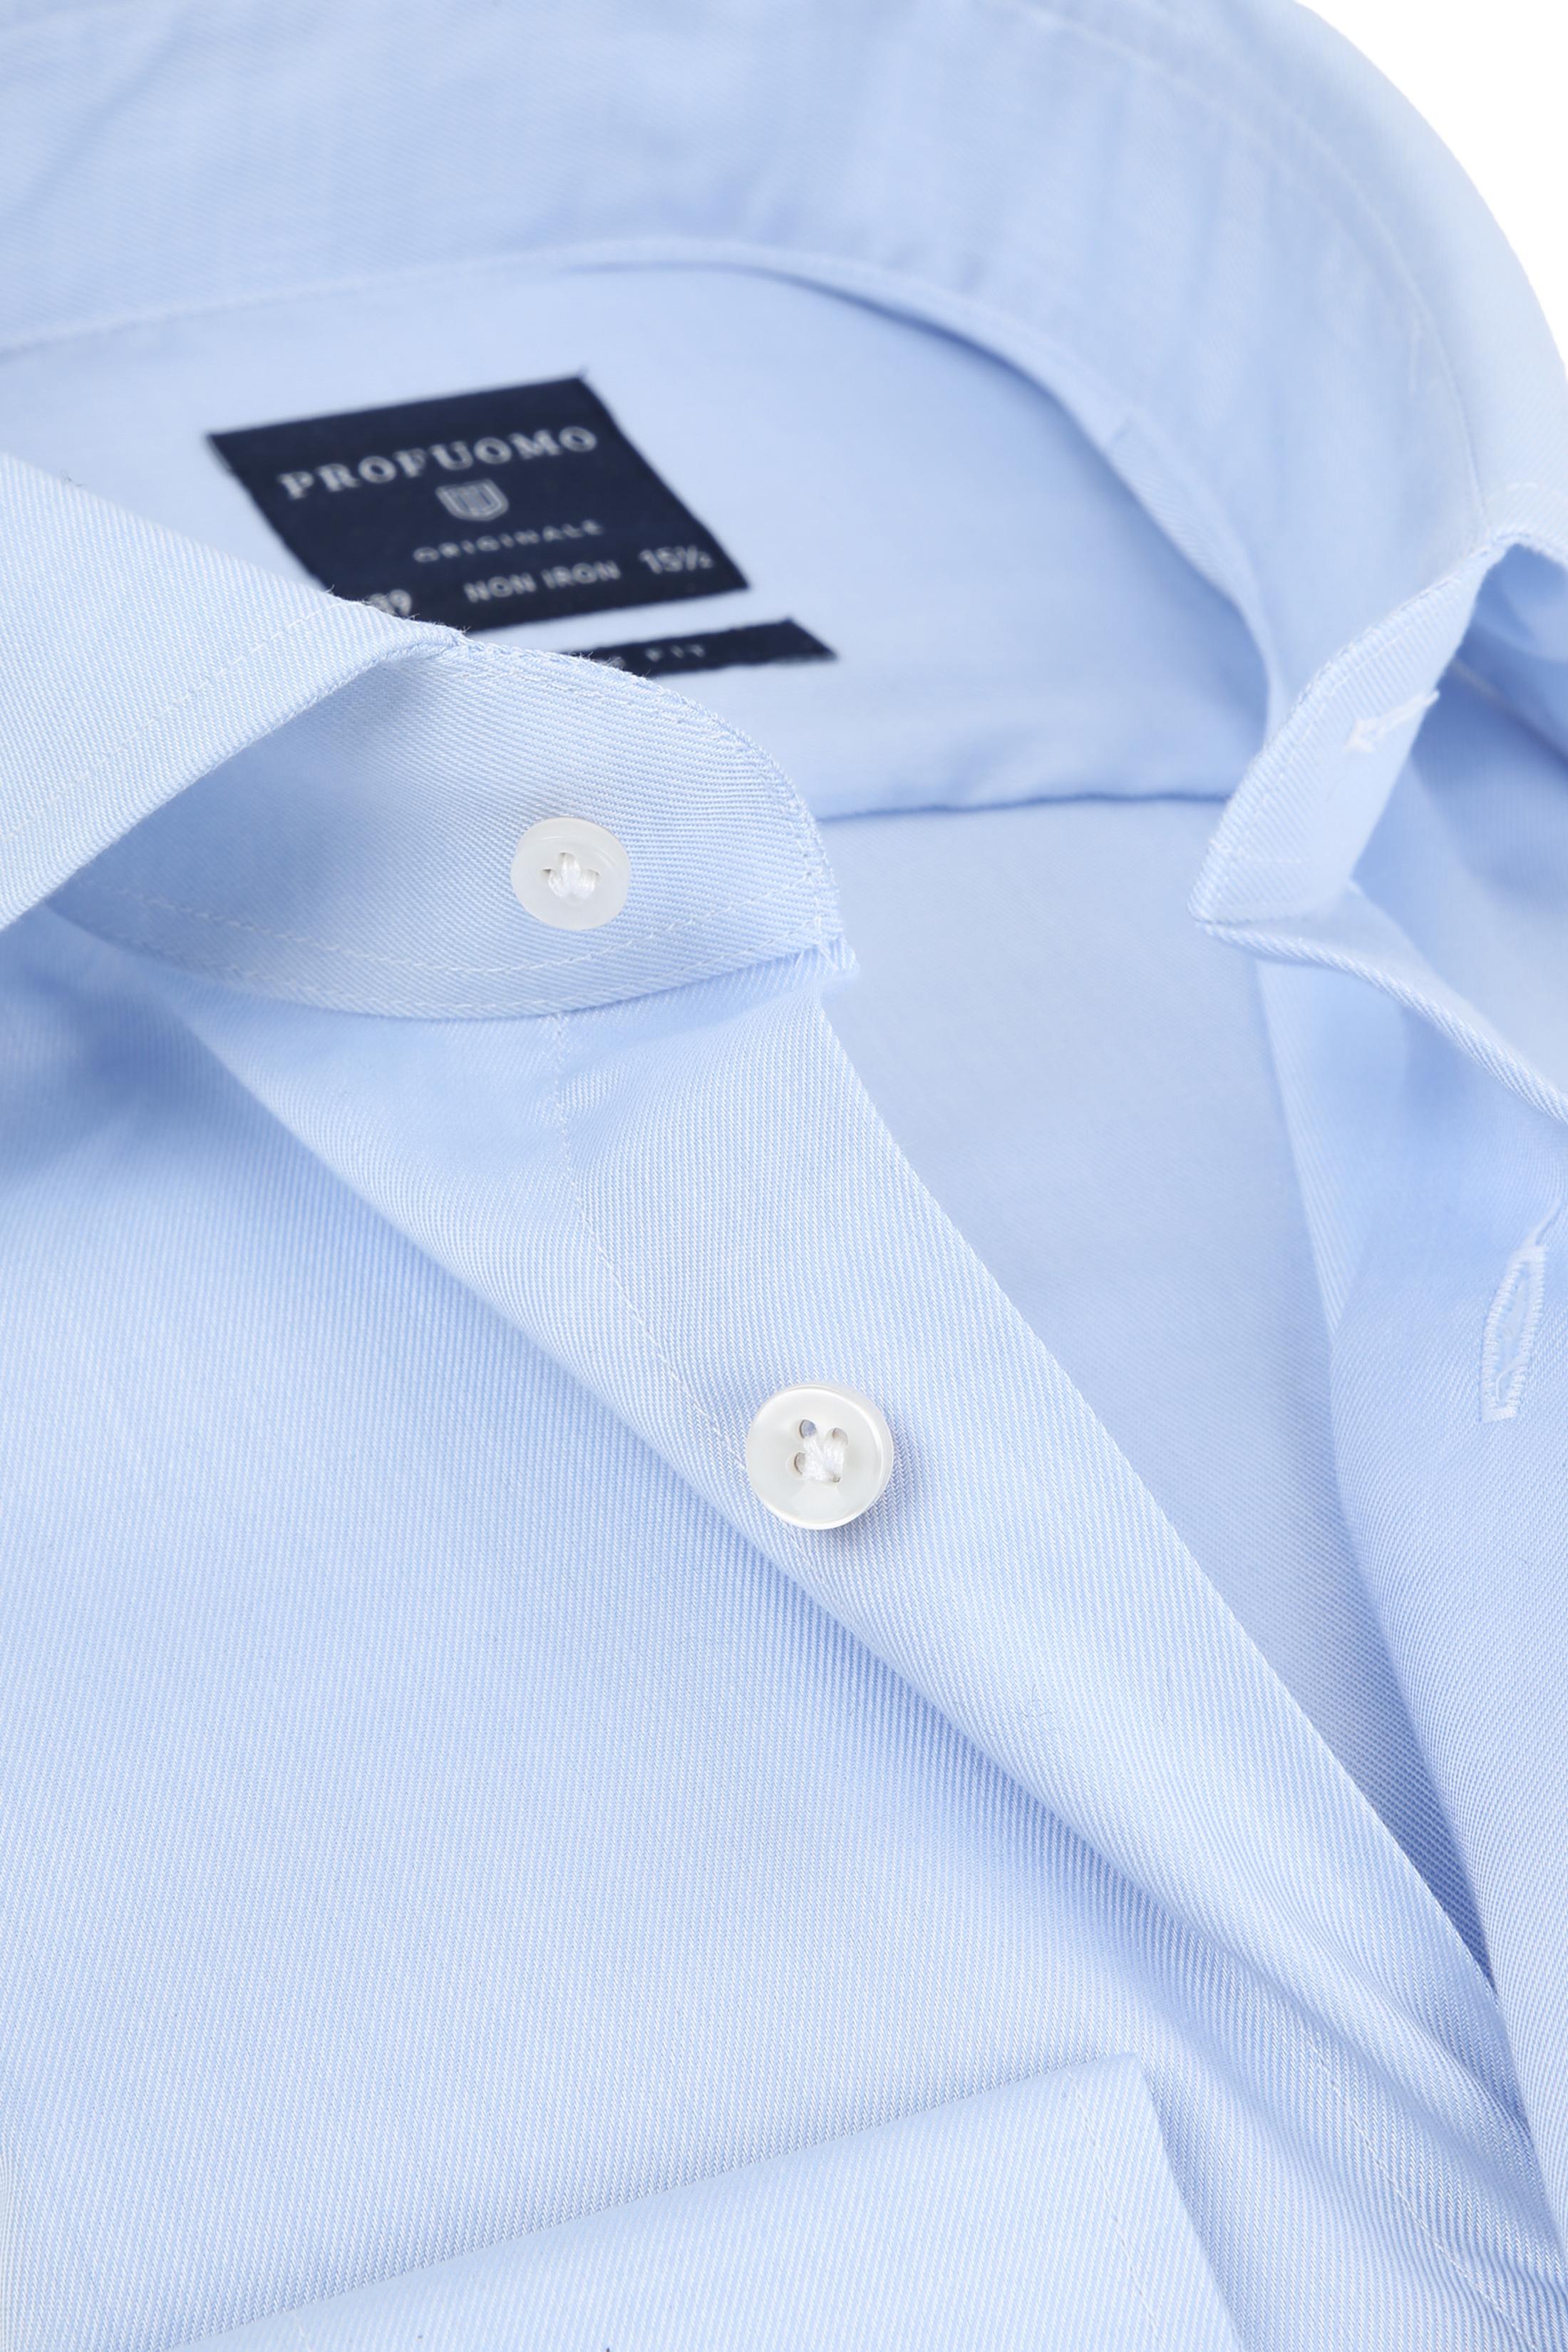 Profuomo Shirt Cutaway Blue foto 1